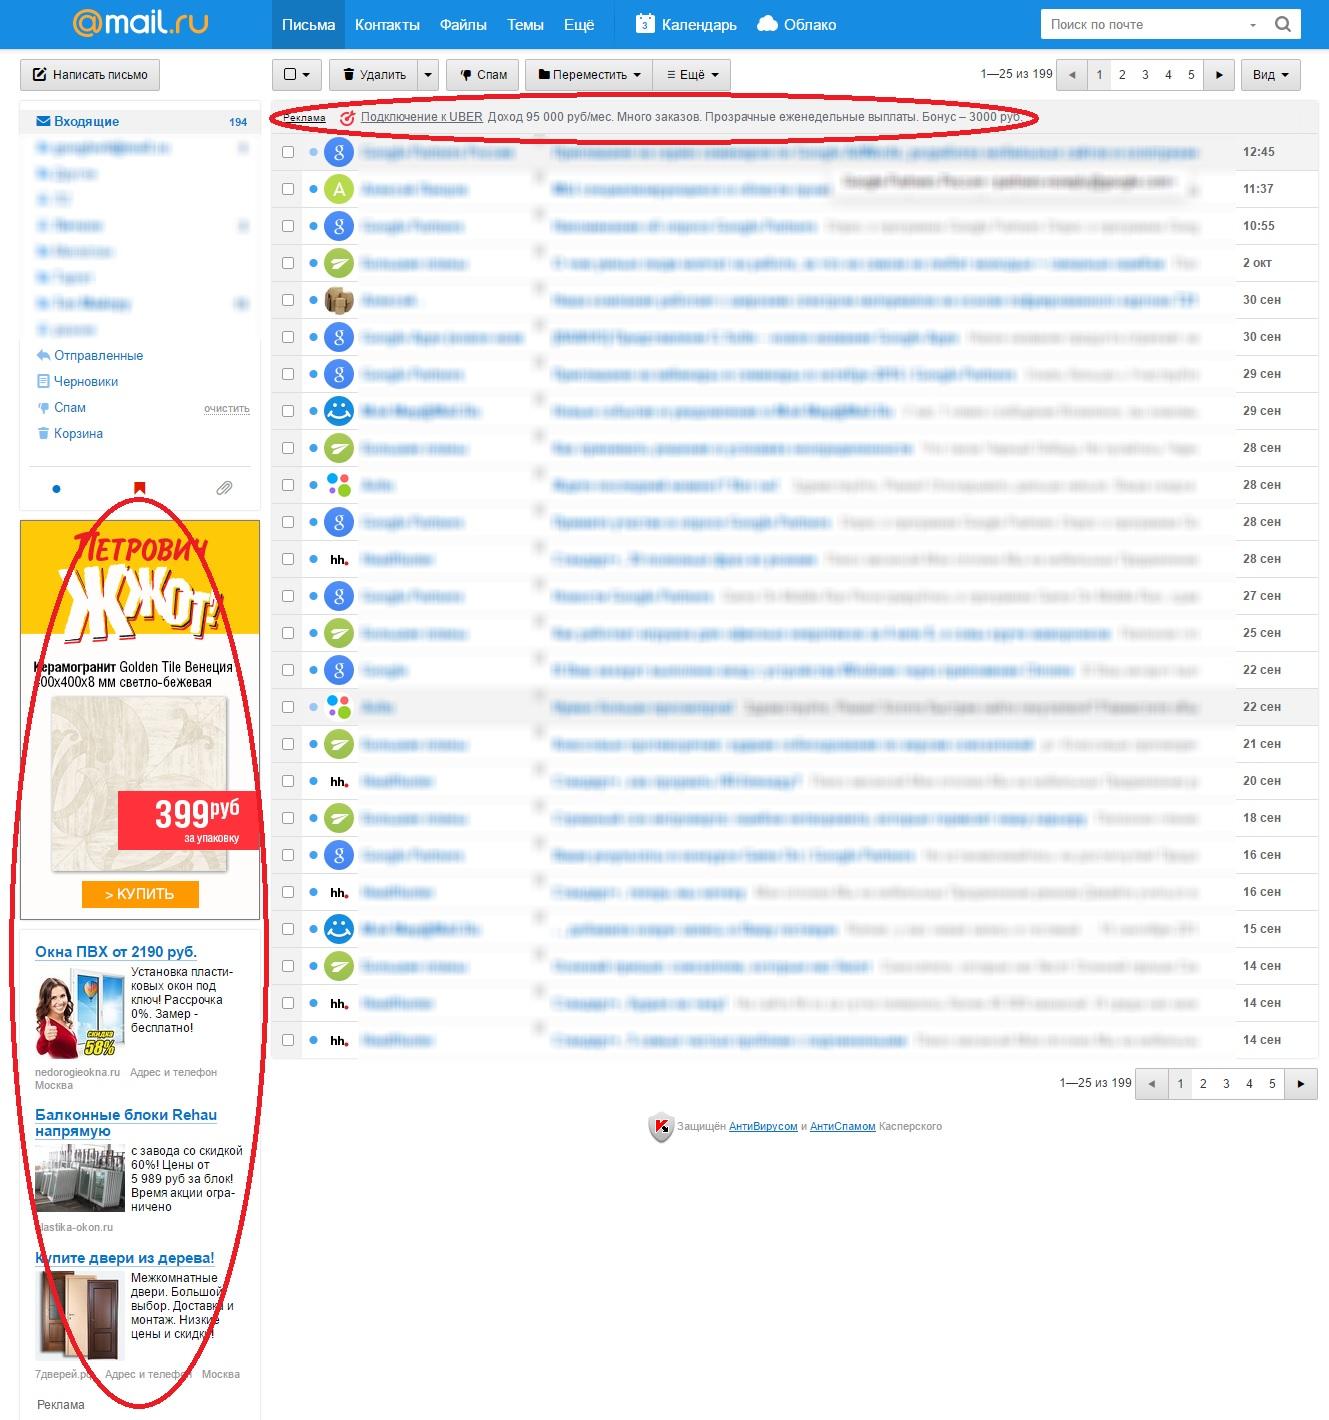 Реклама в Mail.ru